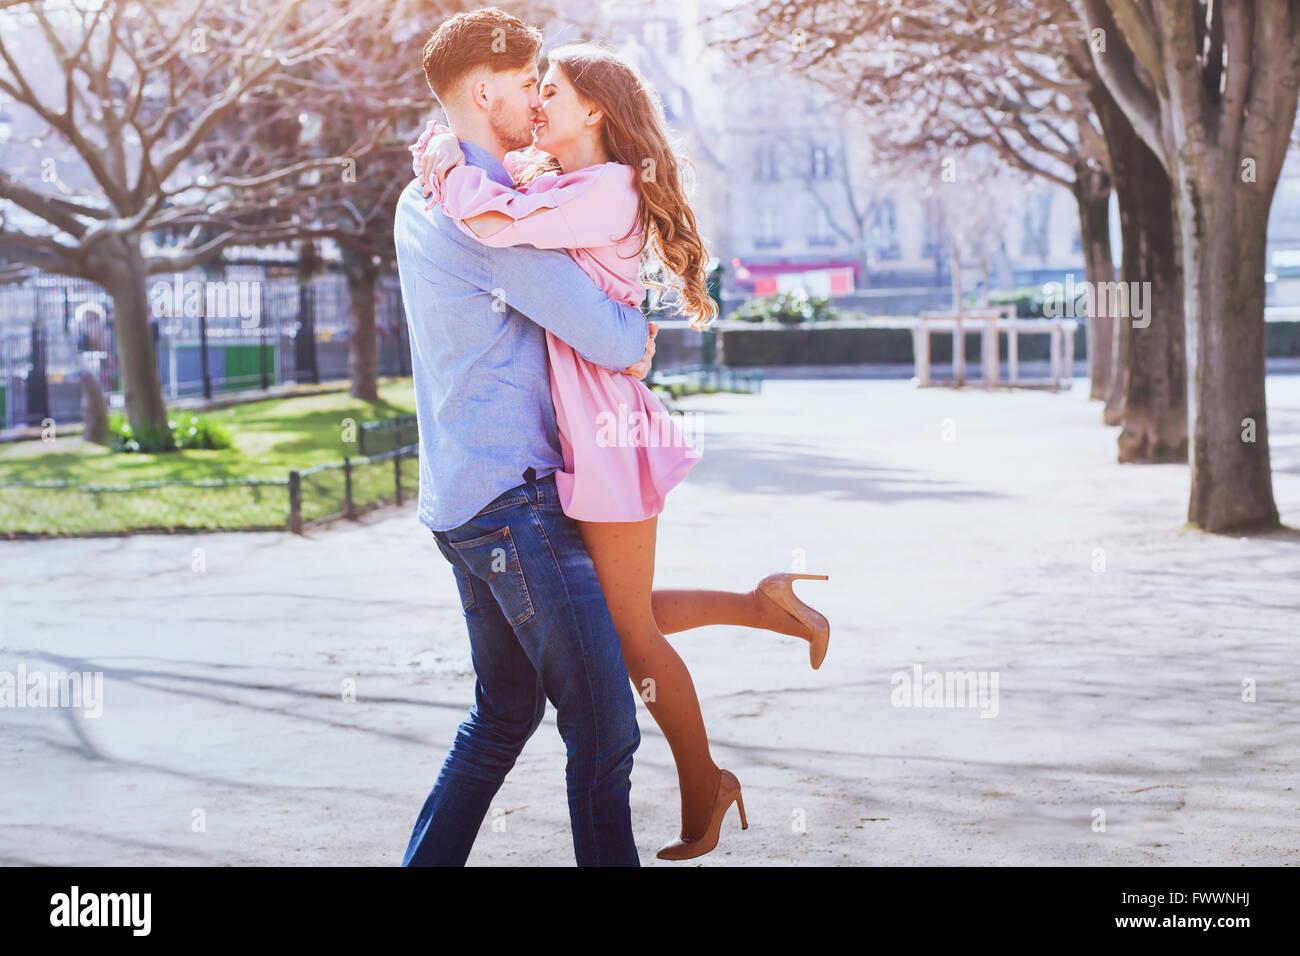 Felice giovane bella giovane baciare e sorridente all'aperto Immagini Stock